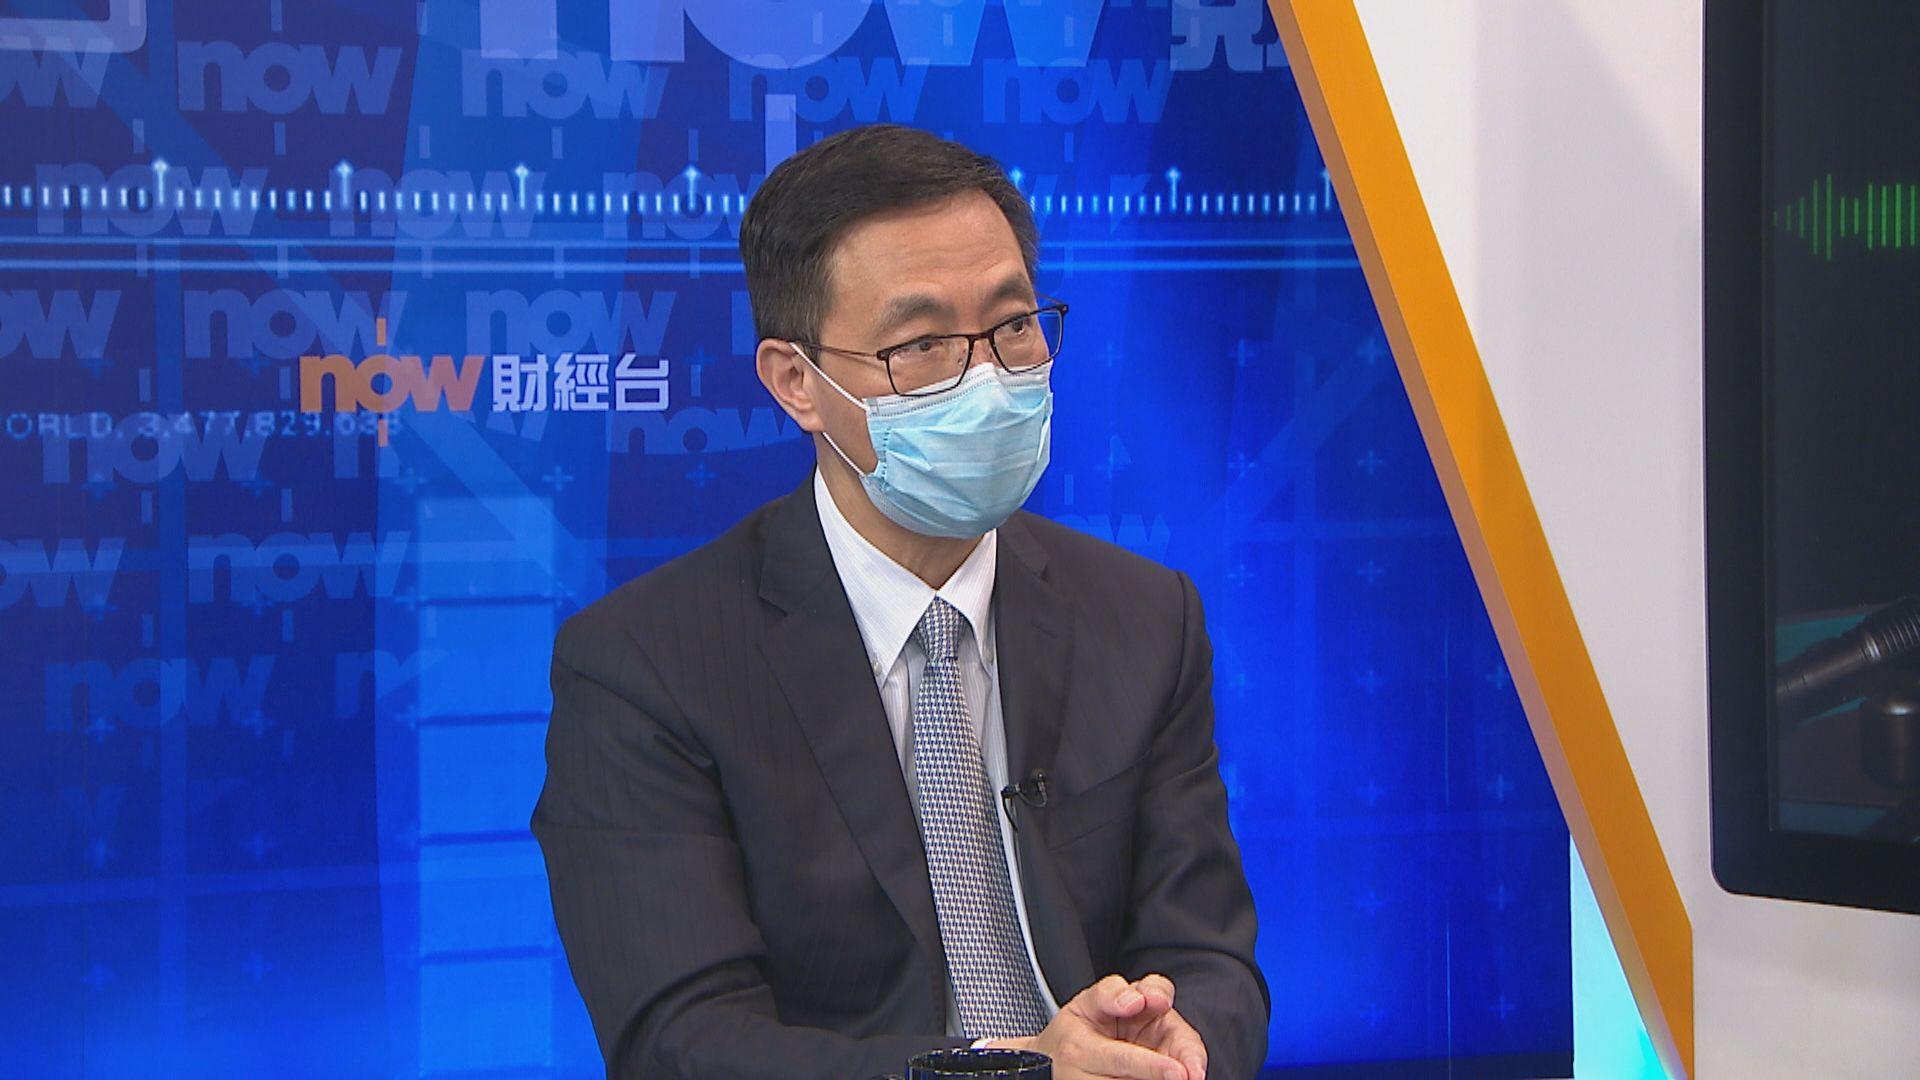 楊潤雄:政治體制以基本法為準 不能簡單以三權分立形容